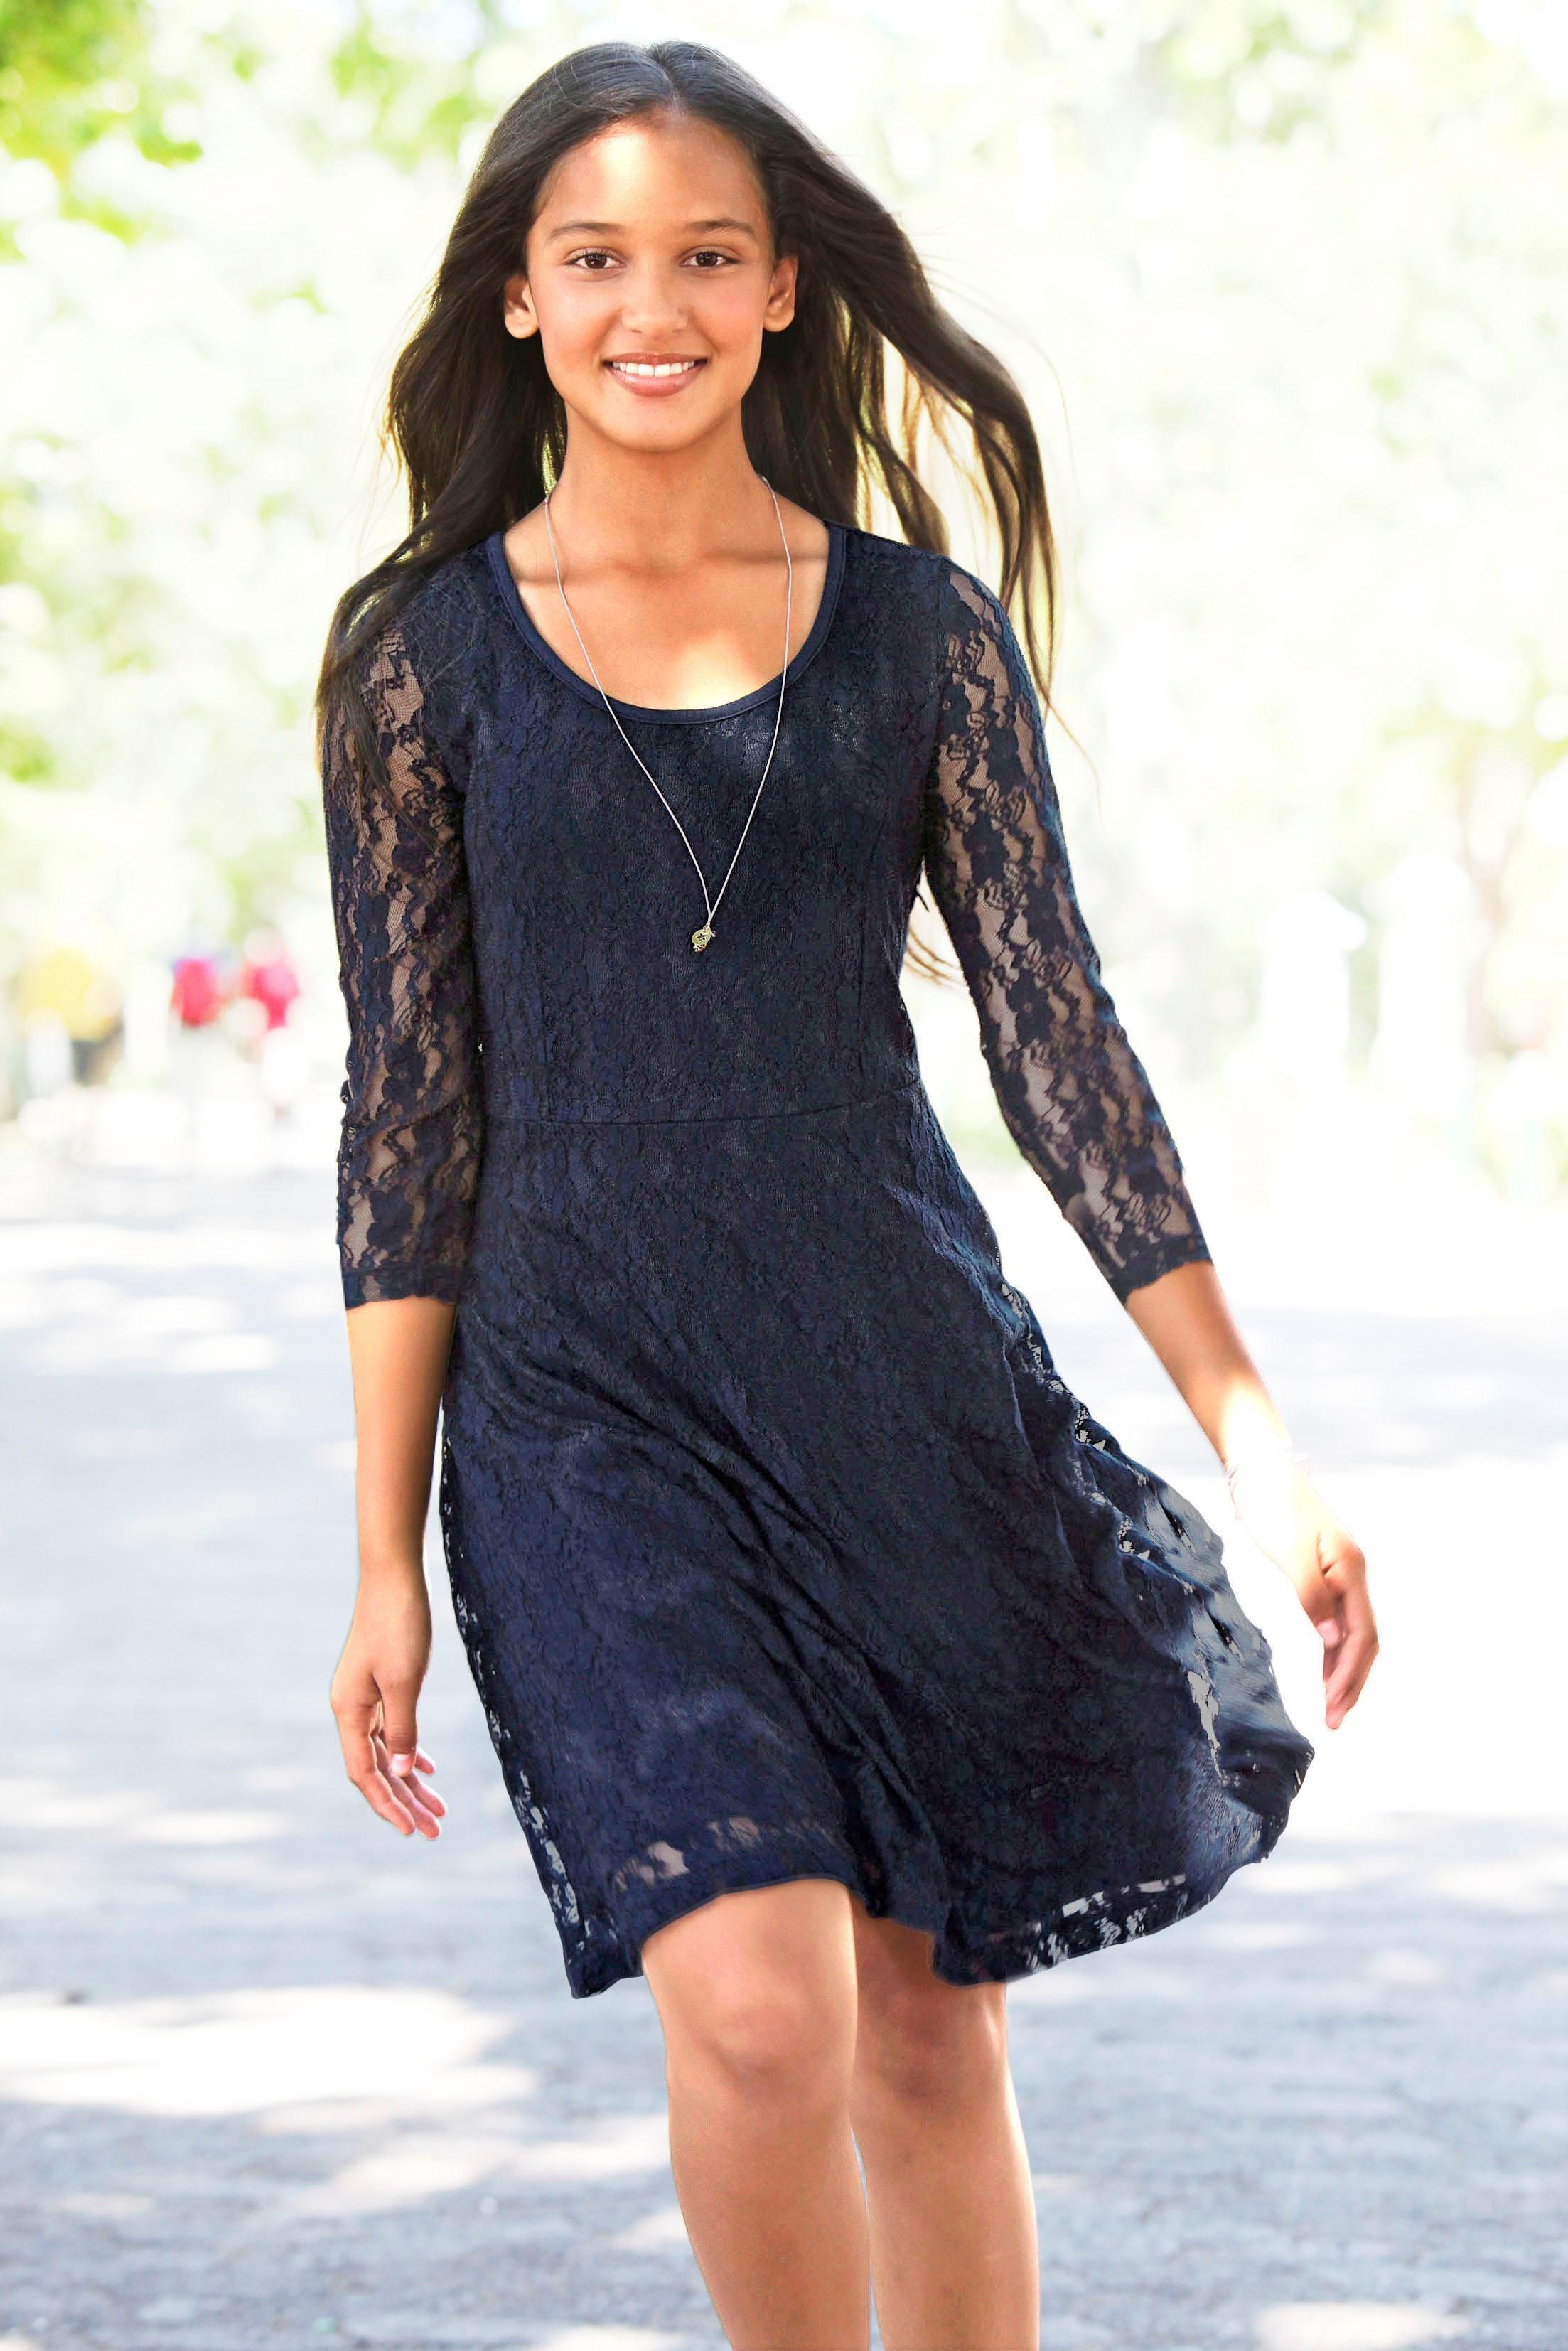 Arizona Spitzenkleid, mit 3/4 Ärmeln blau Mädchen Jerseykleider Kleider Mädchenkleidung Spitzenkleid